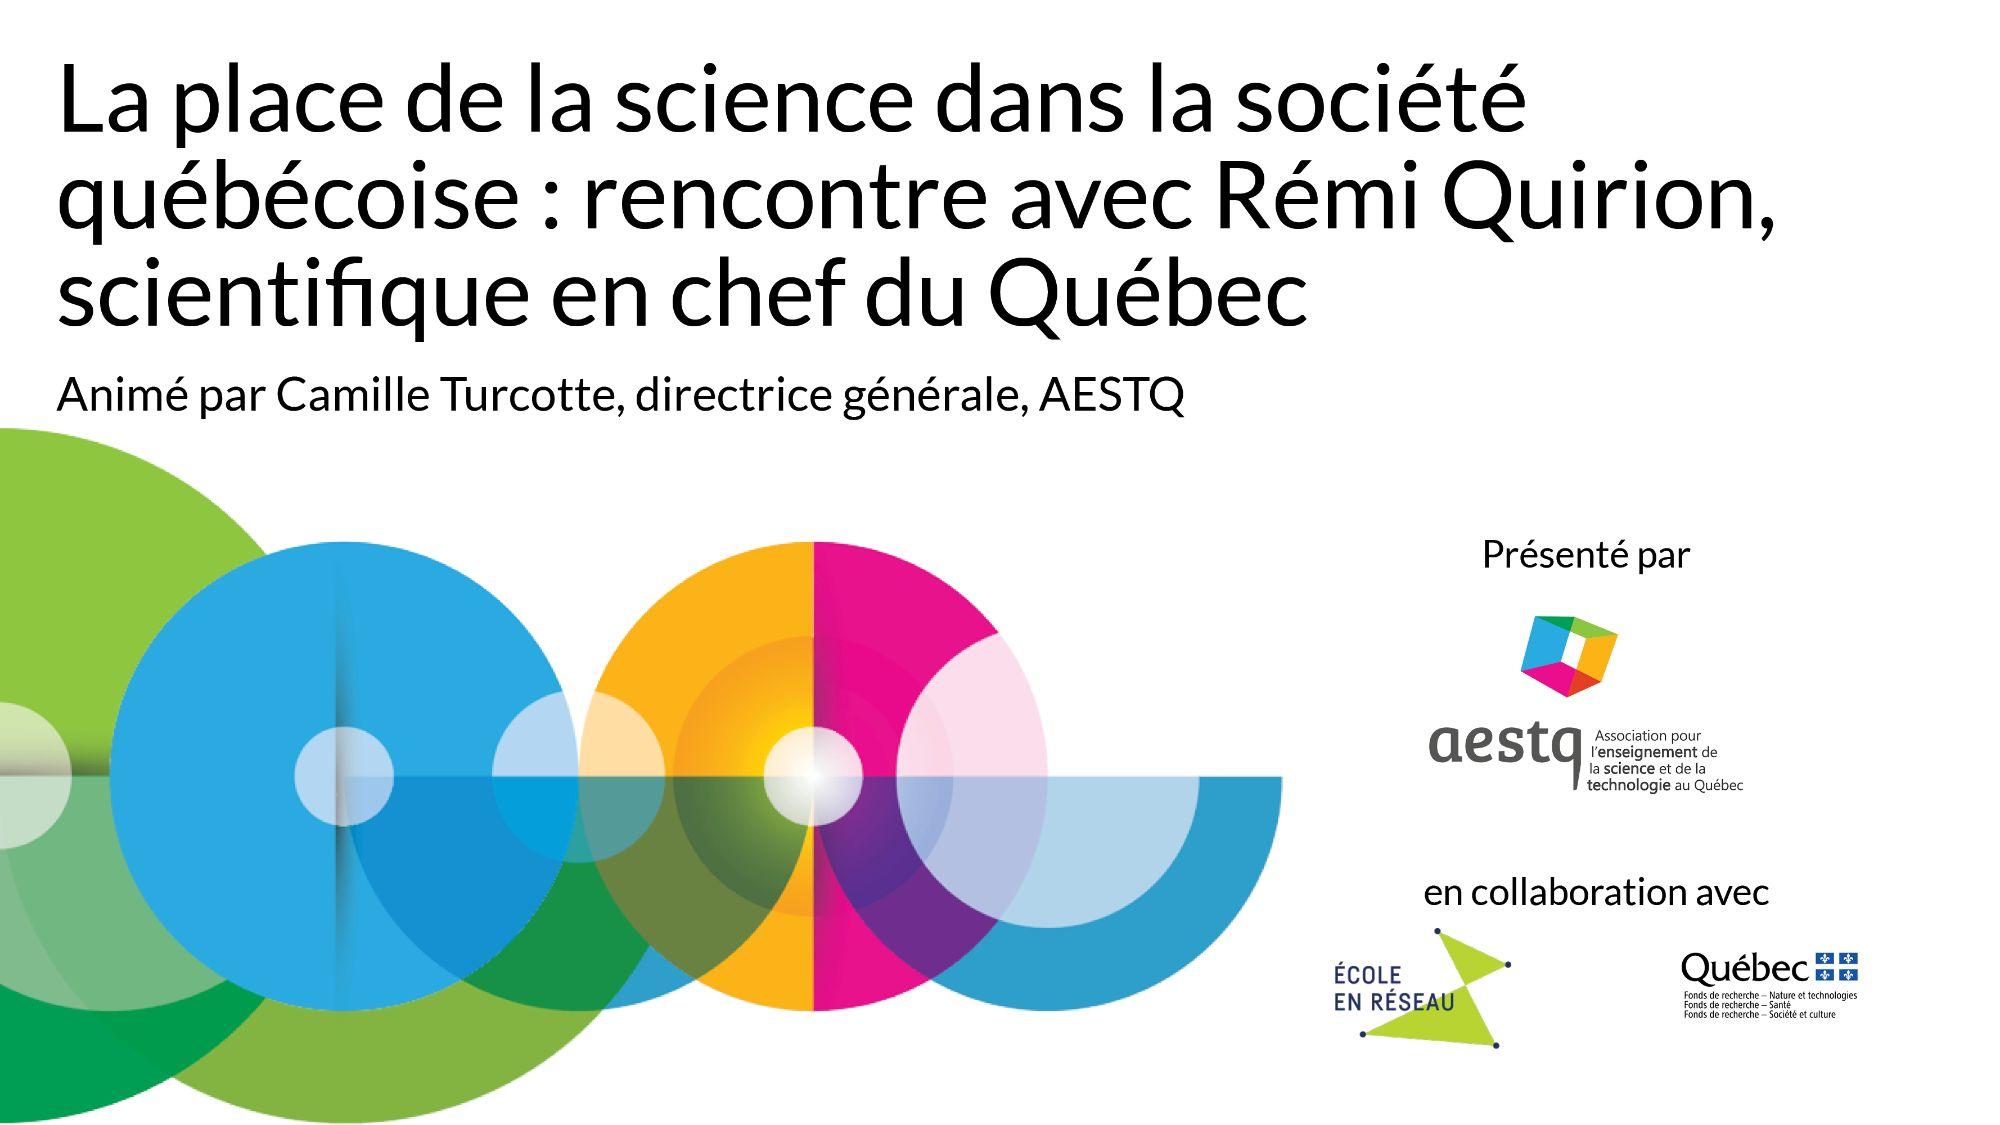 La place de la science dans la société québécoise